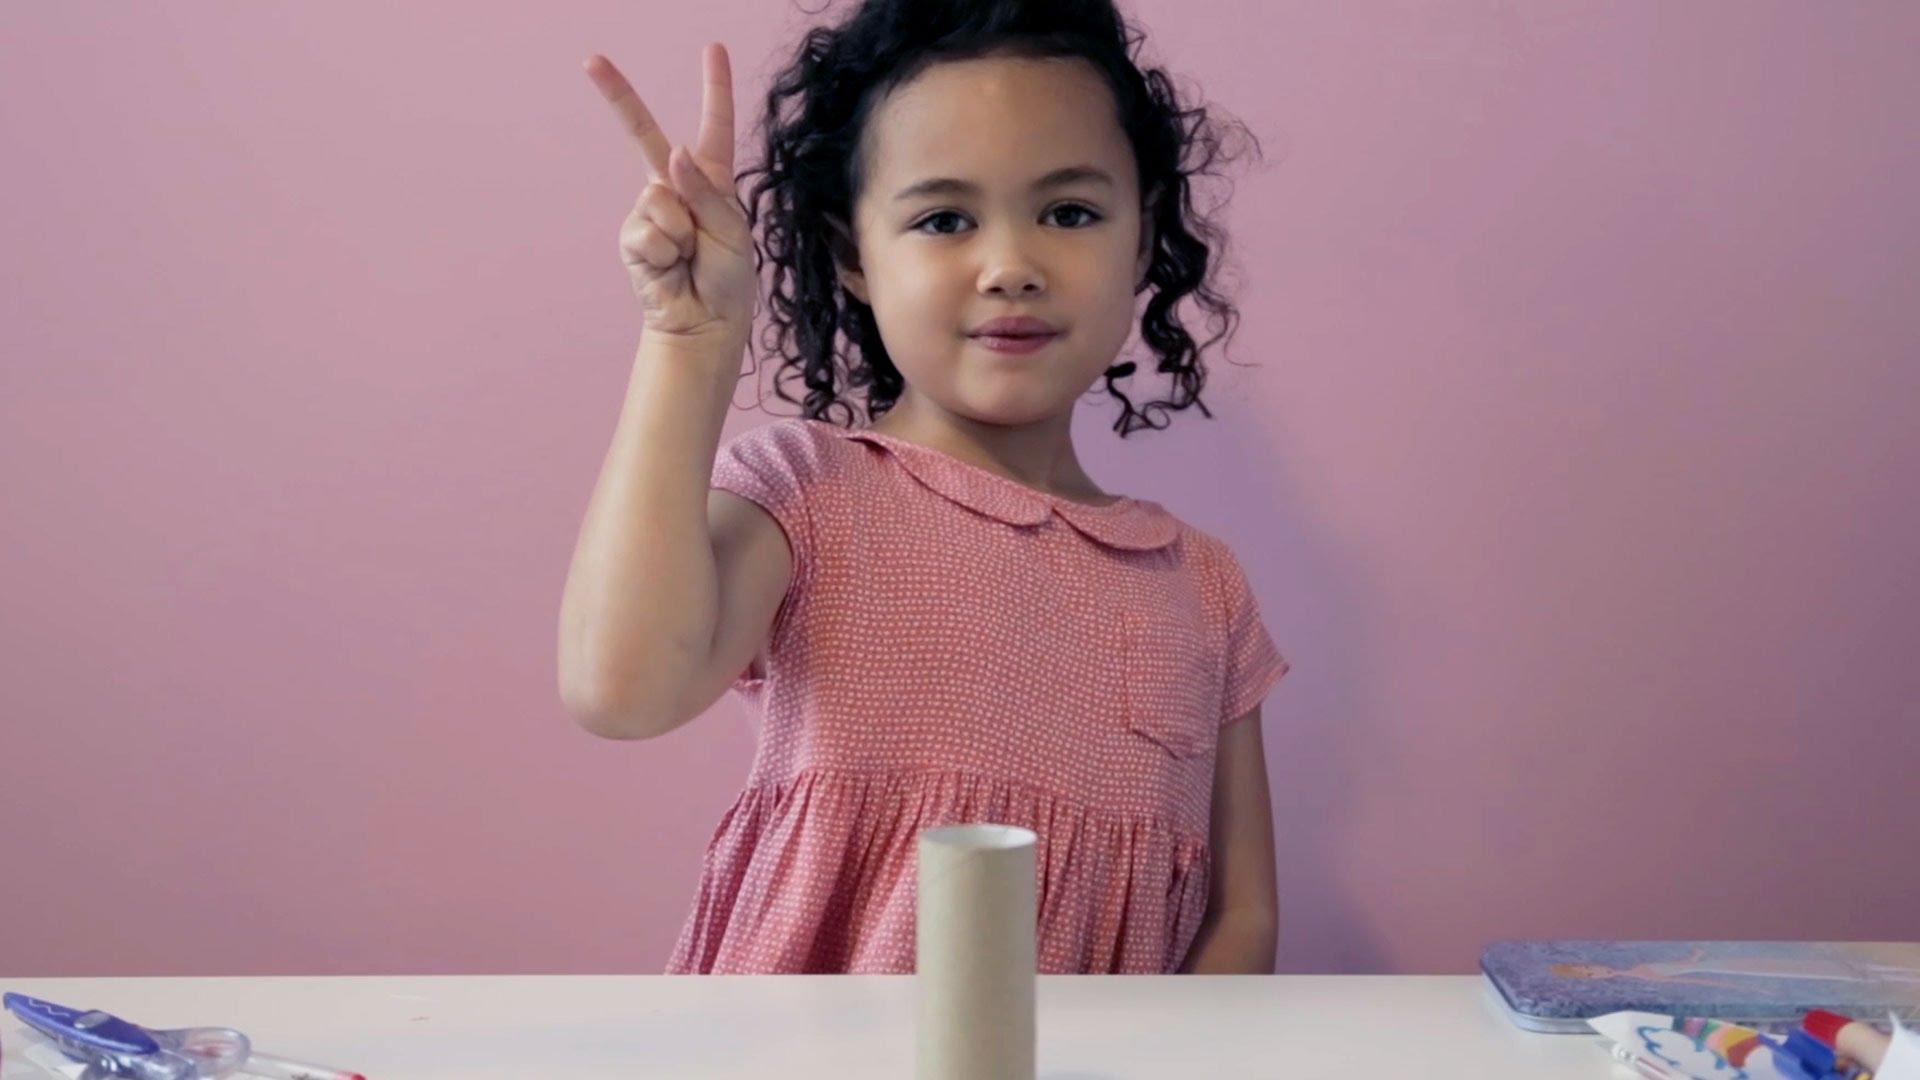 Дівчинка, яка показує неймовірні трюки, стала зіркою YouTube